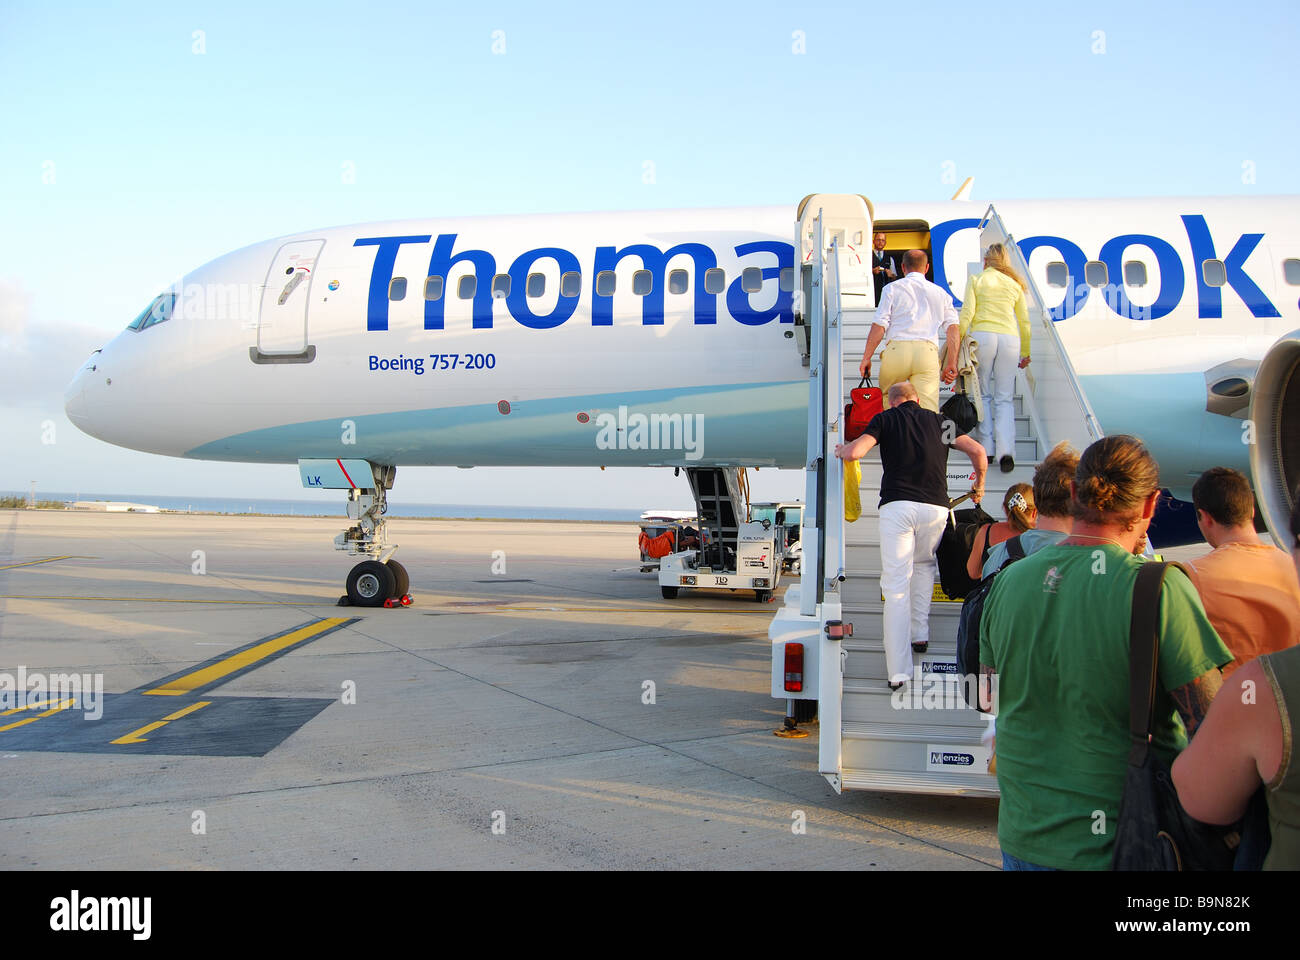 Fluggästen, die Thomas Cook Boeing 757-200, Flughafen Arrecife, Arrecife, Lanzarote, Kanarische Inseln, Spanien Stockbild